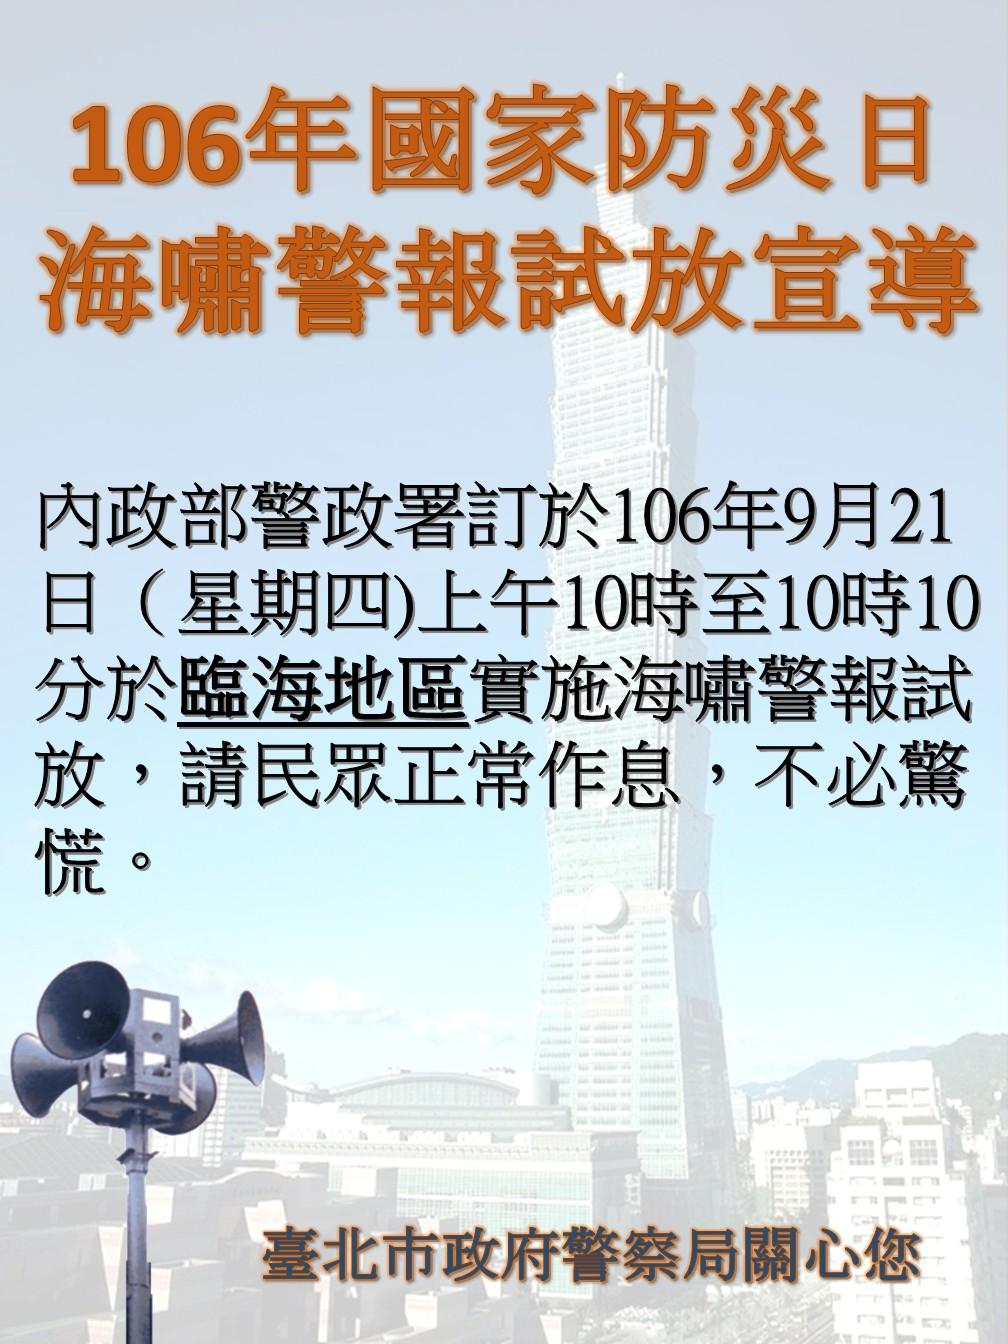 106年海嘯警報試放宣導海報